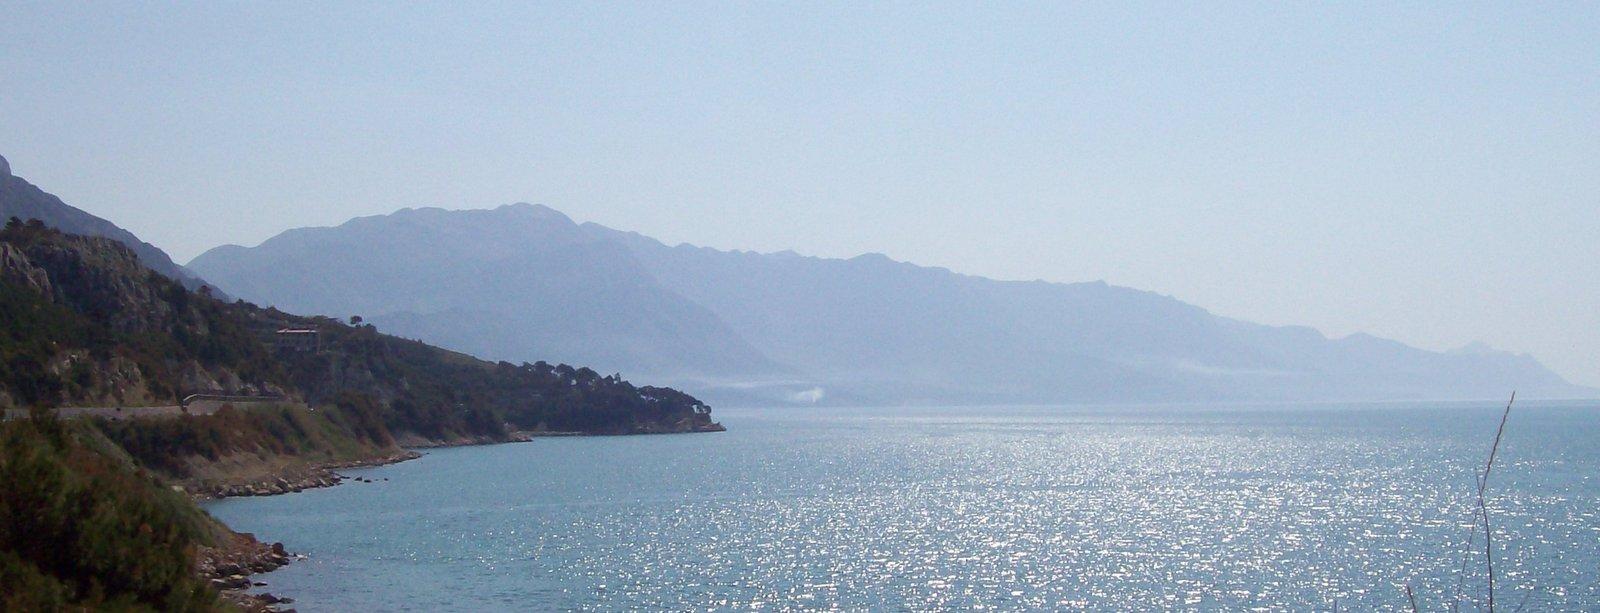 Adriaküste bei Makarska Dalmatien